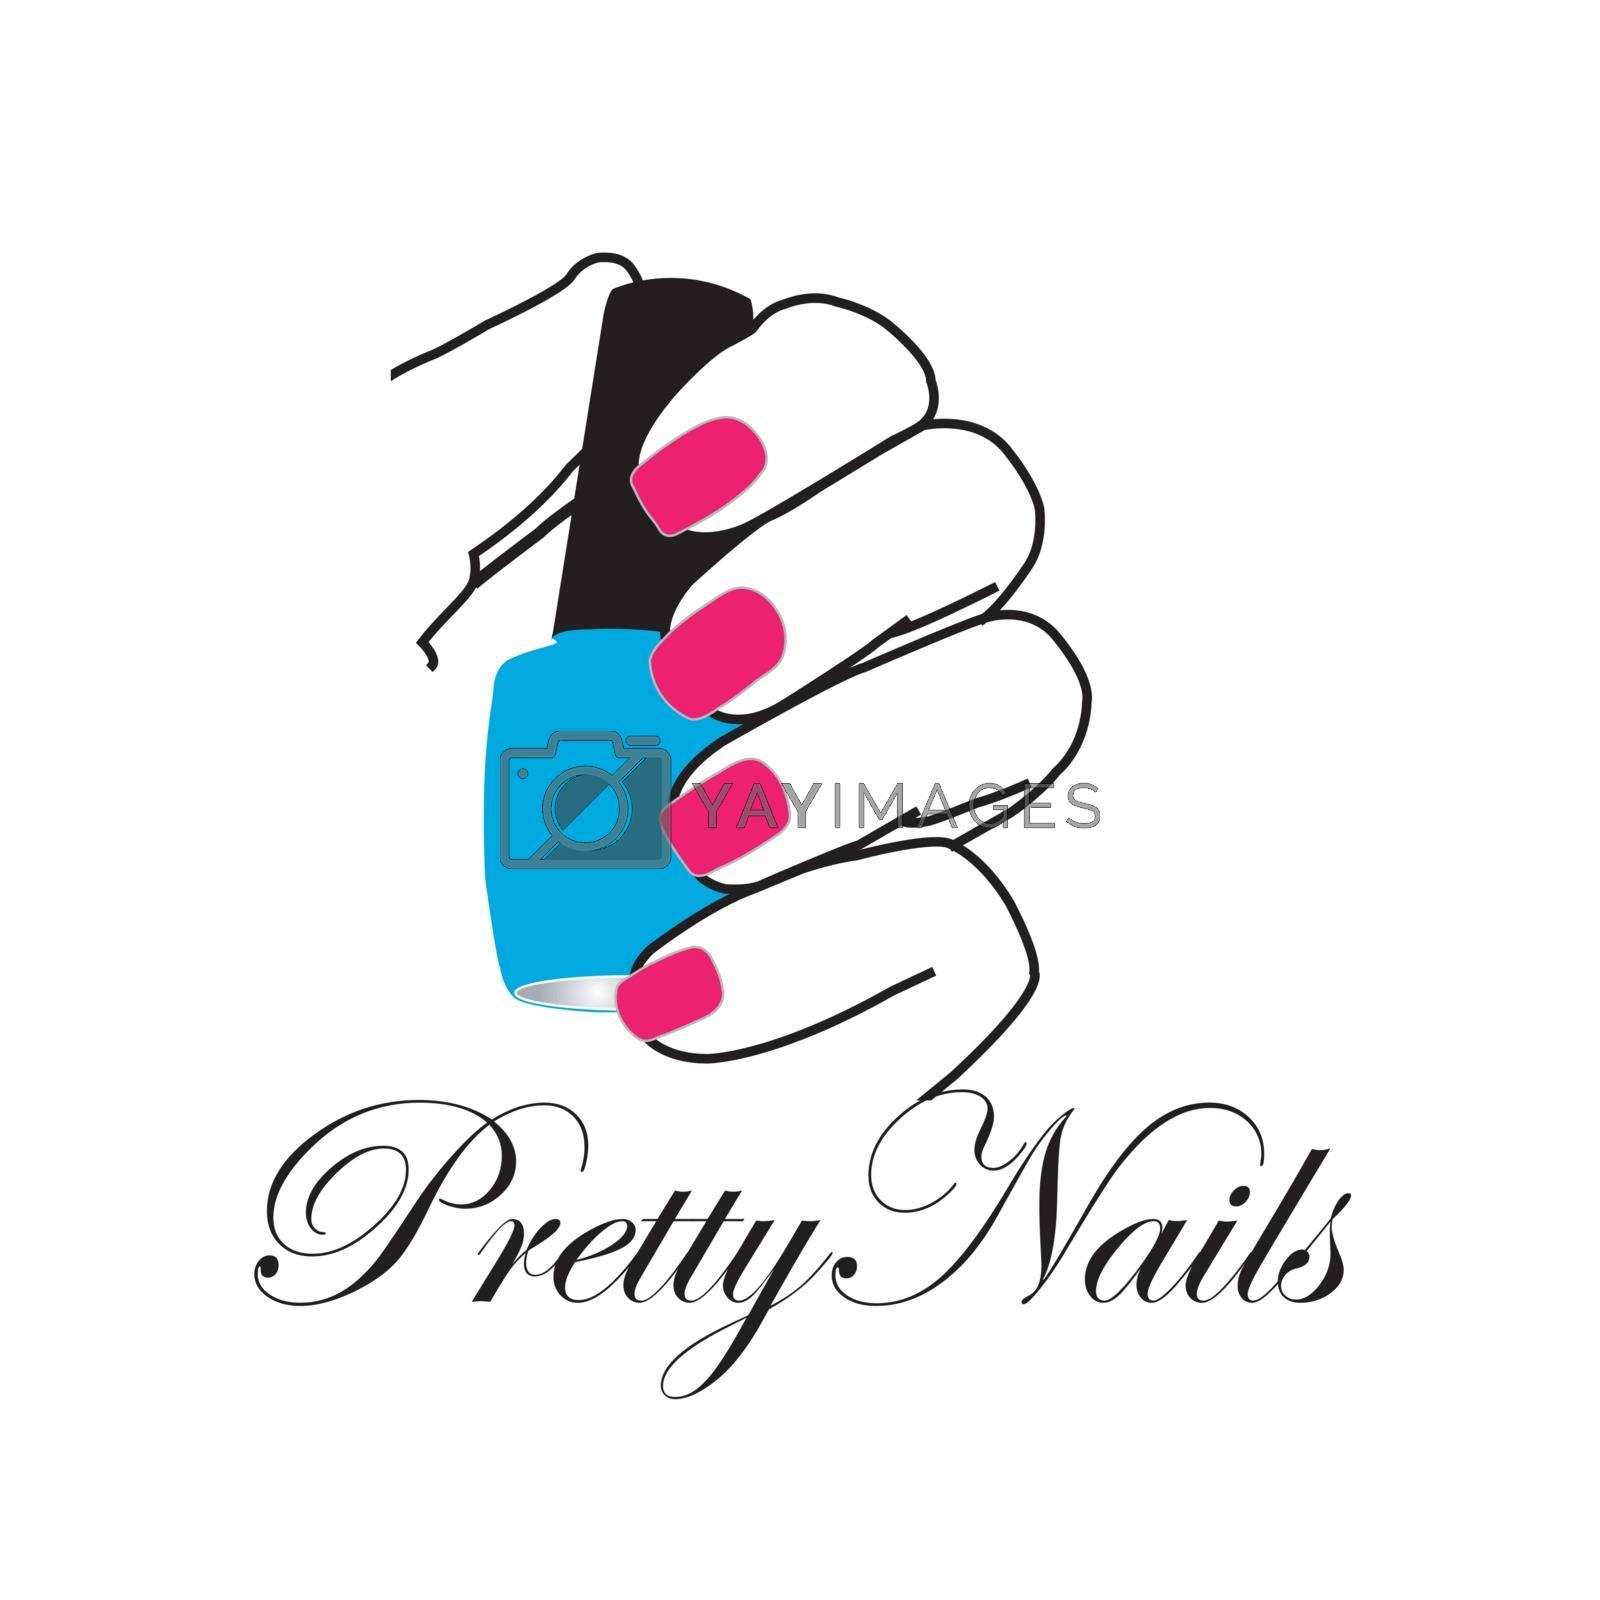 Pretty nails with a nail polish in hand by shawlinmohd